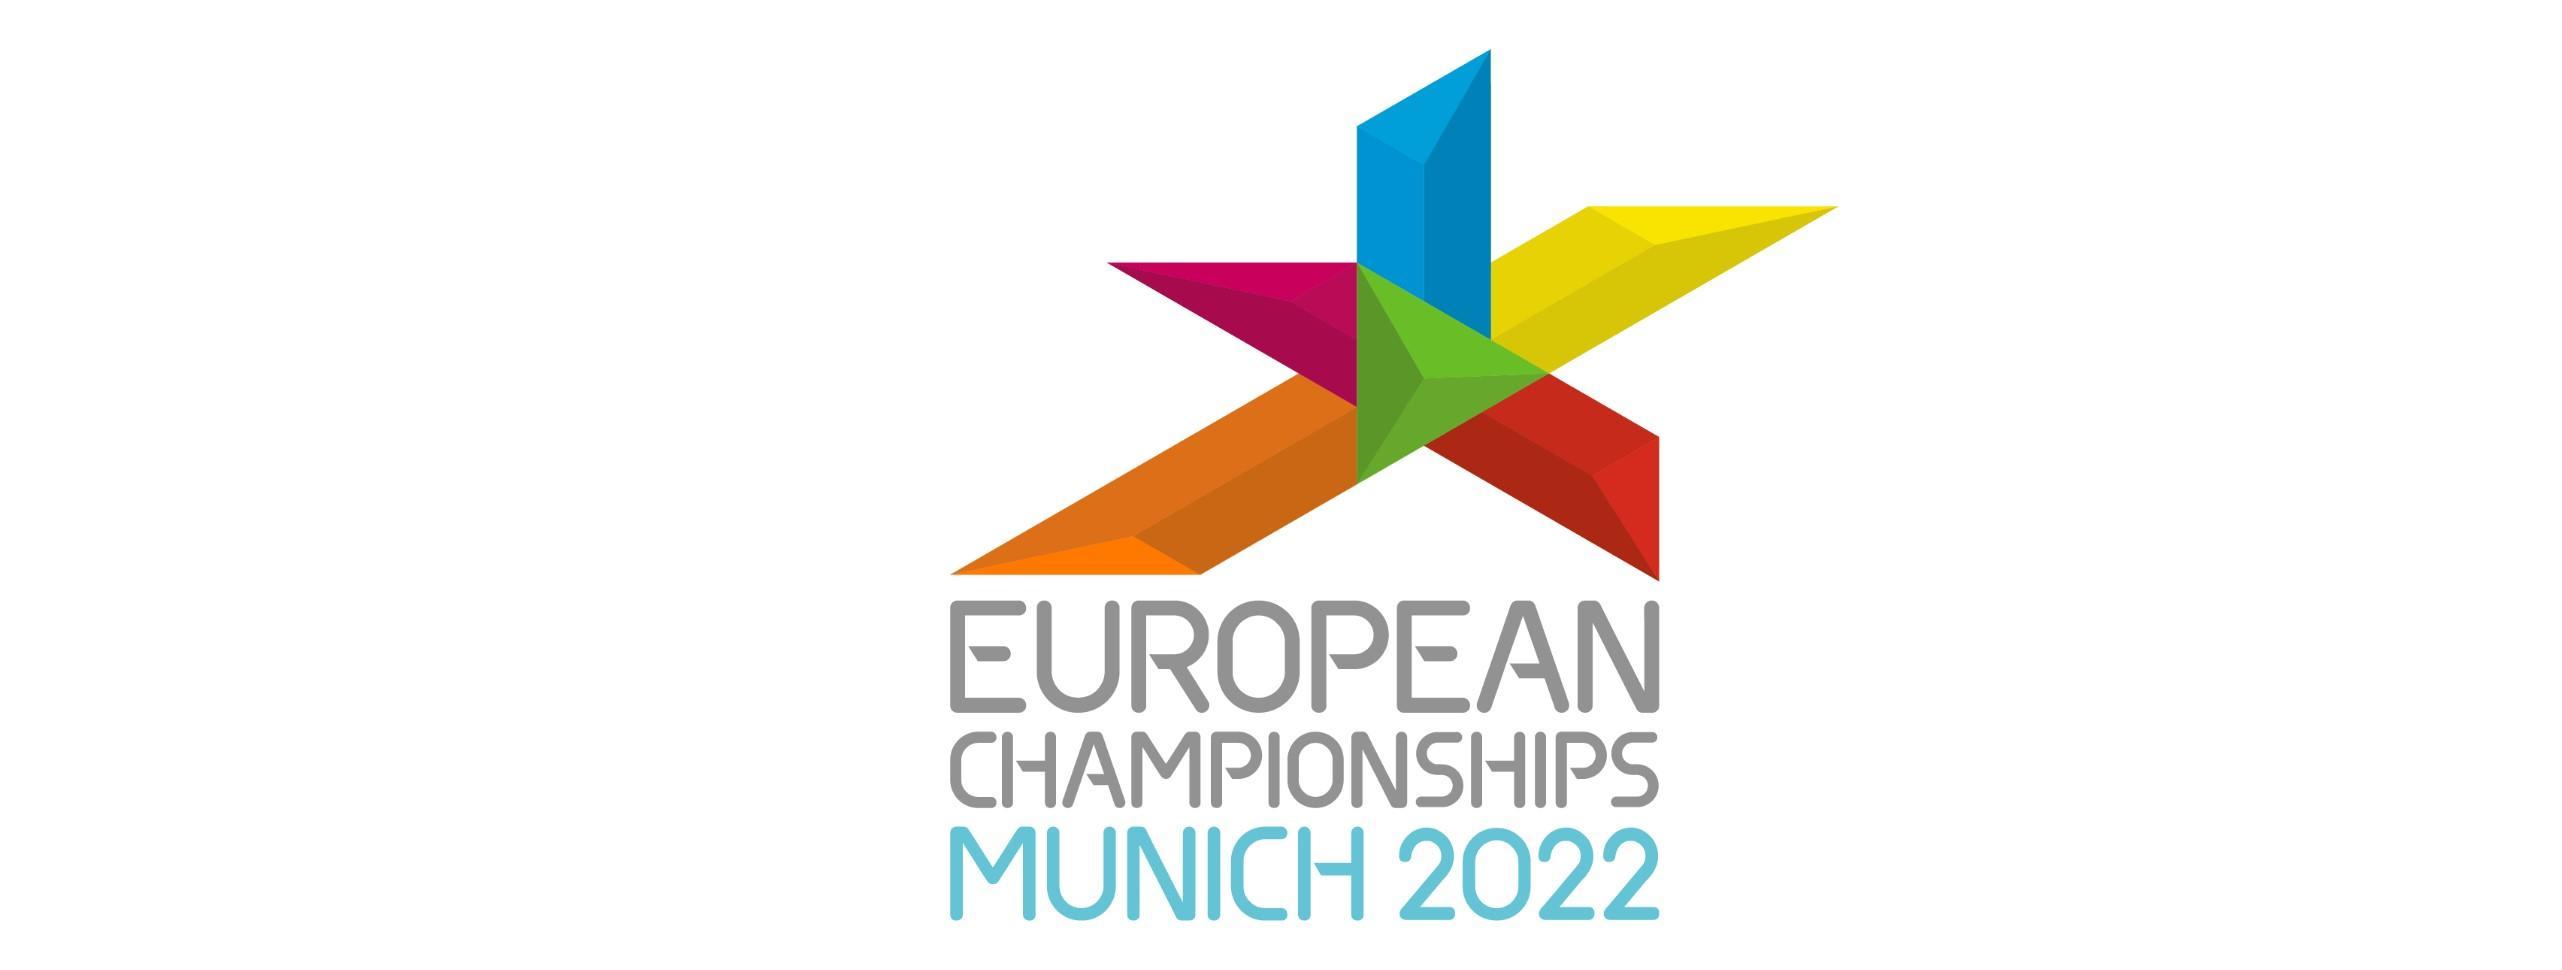 SPORT CLIMBING JOINS EUROPEAN CHAMPIONSHIPS MUNICH 2022 SPORTS PROGRAMME